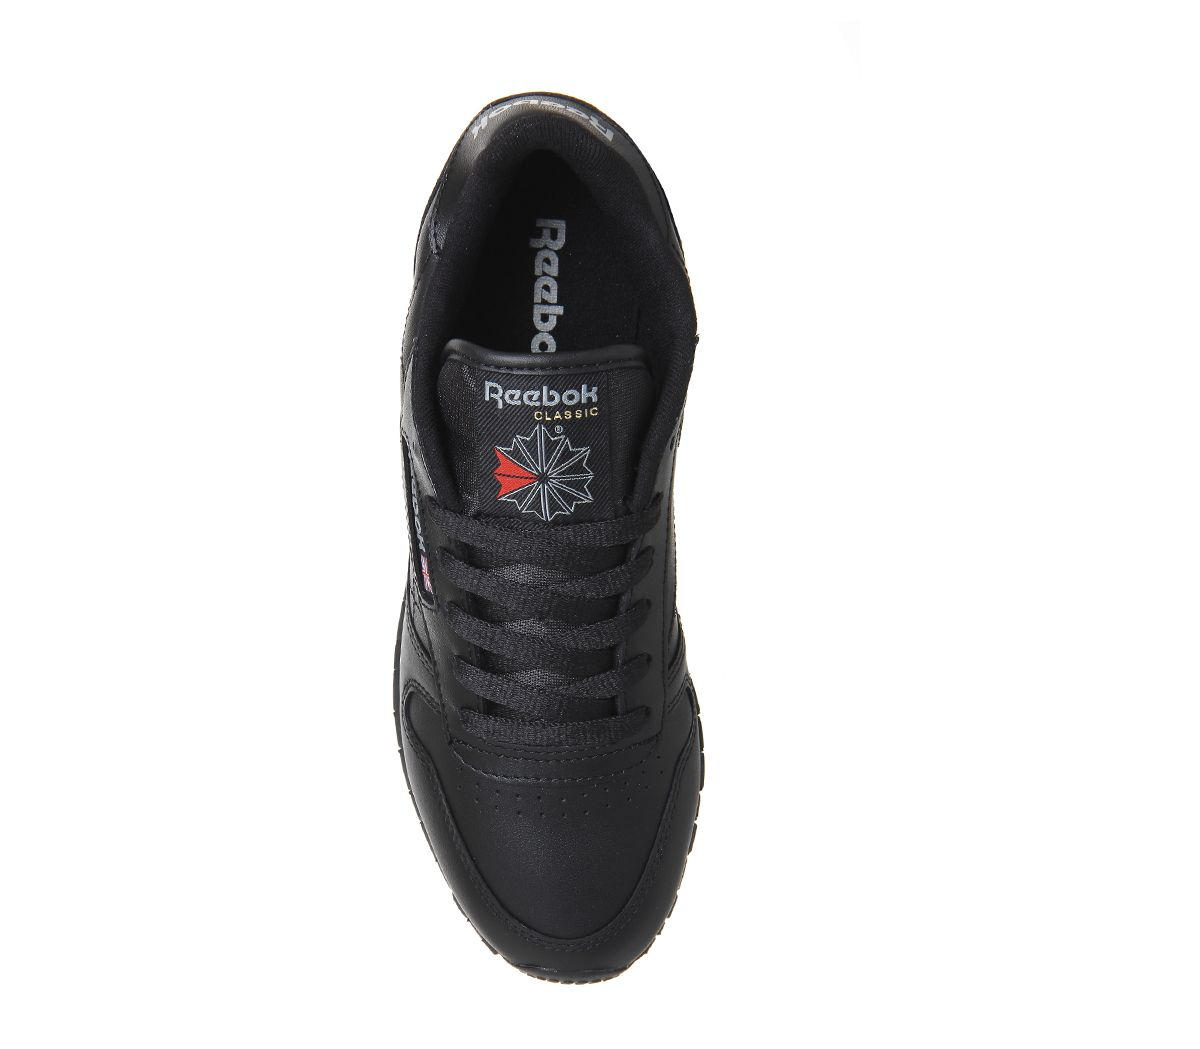 Zapatillas para mujer Reebok Classic de cuero negro cuero planos